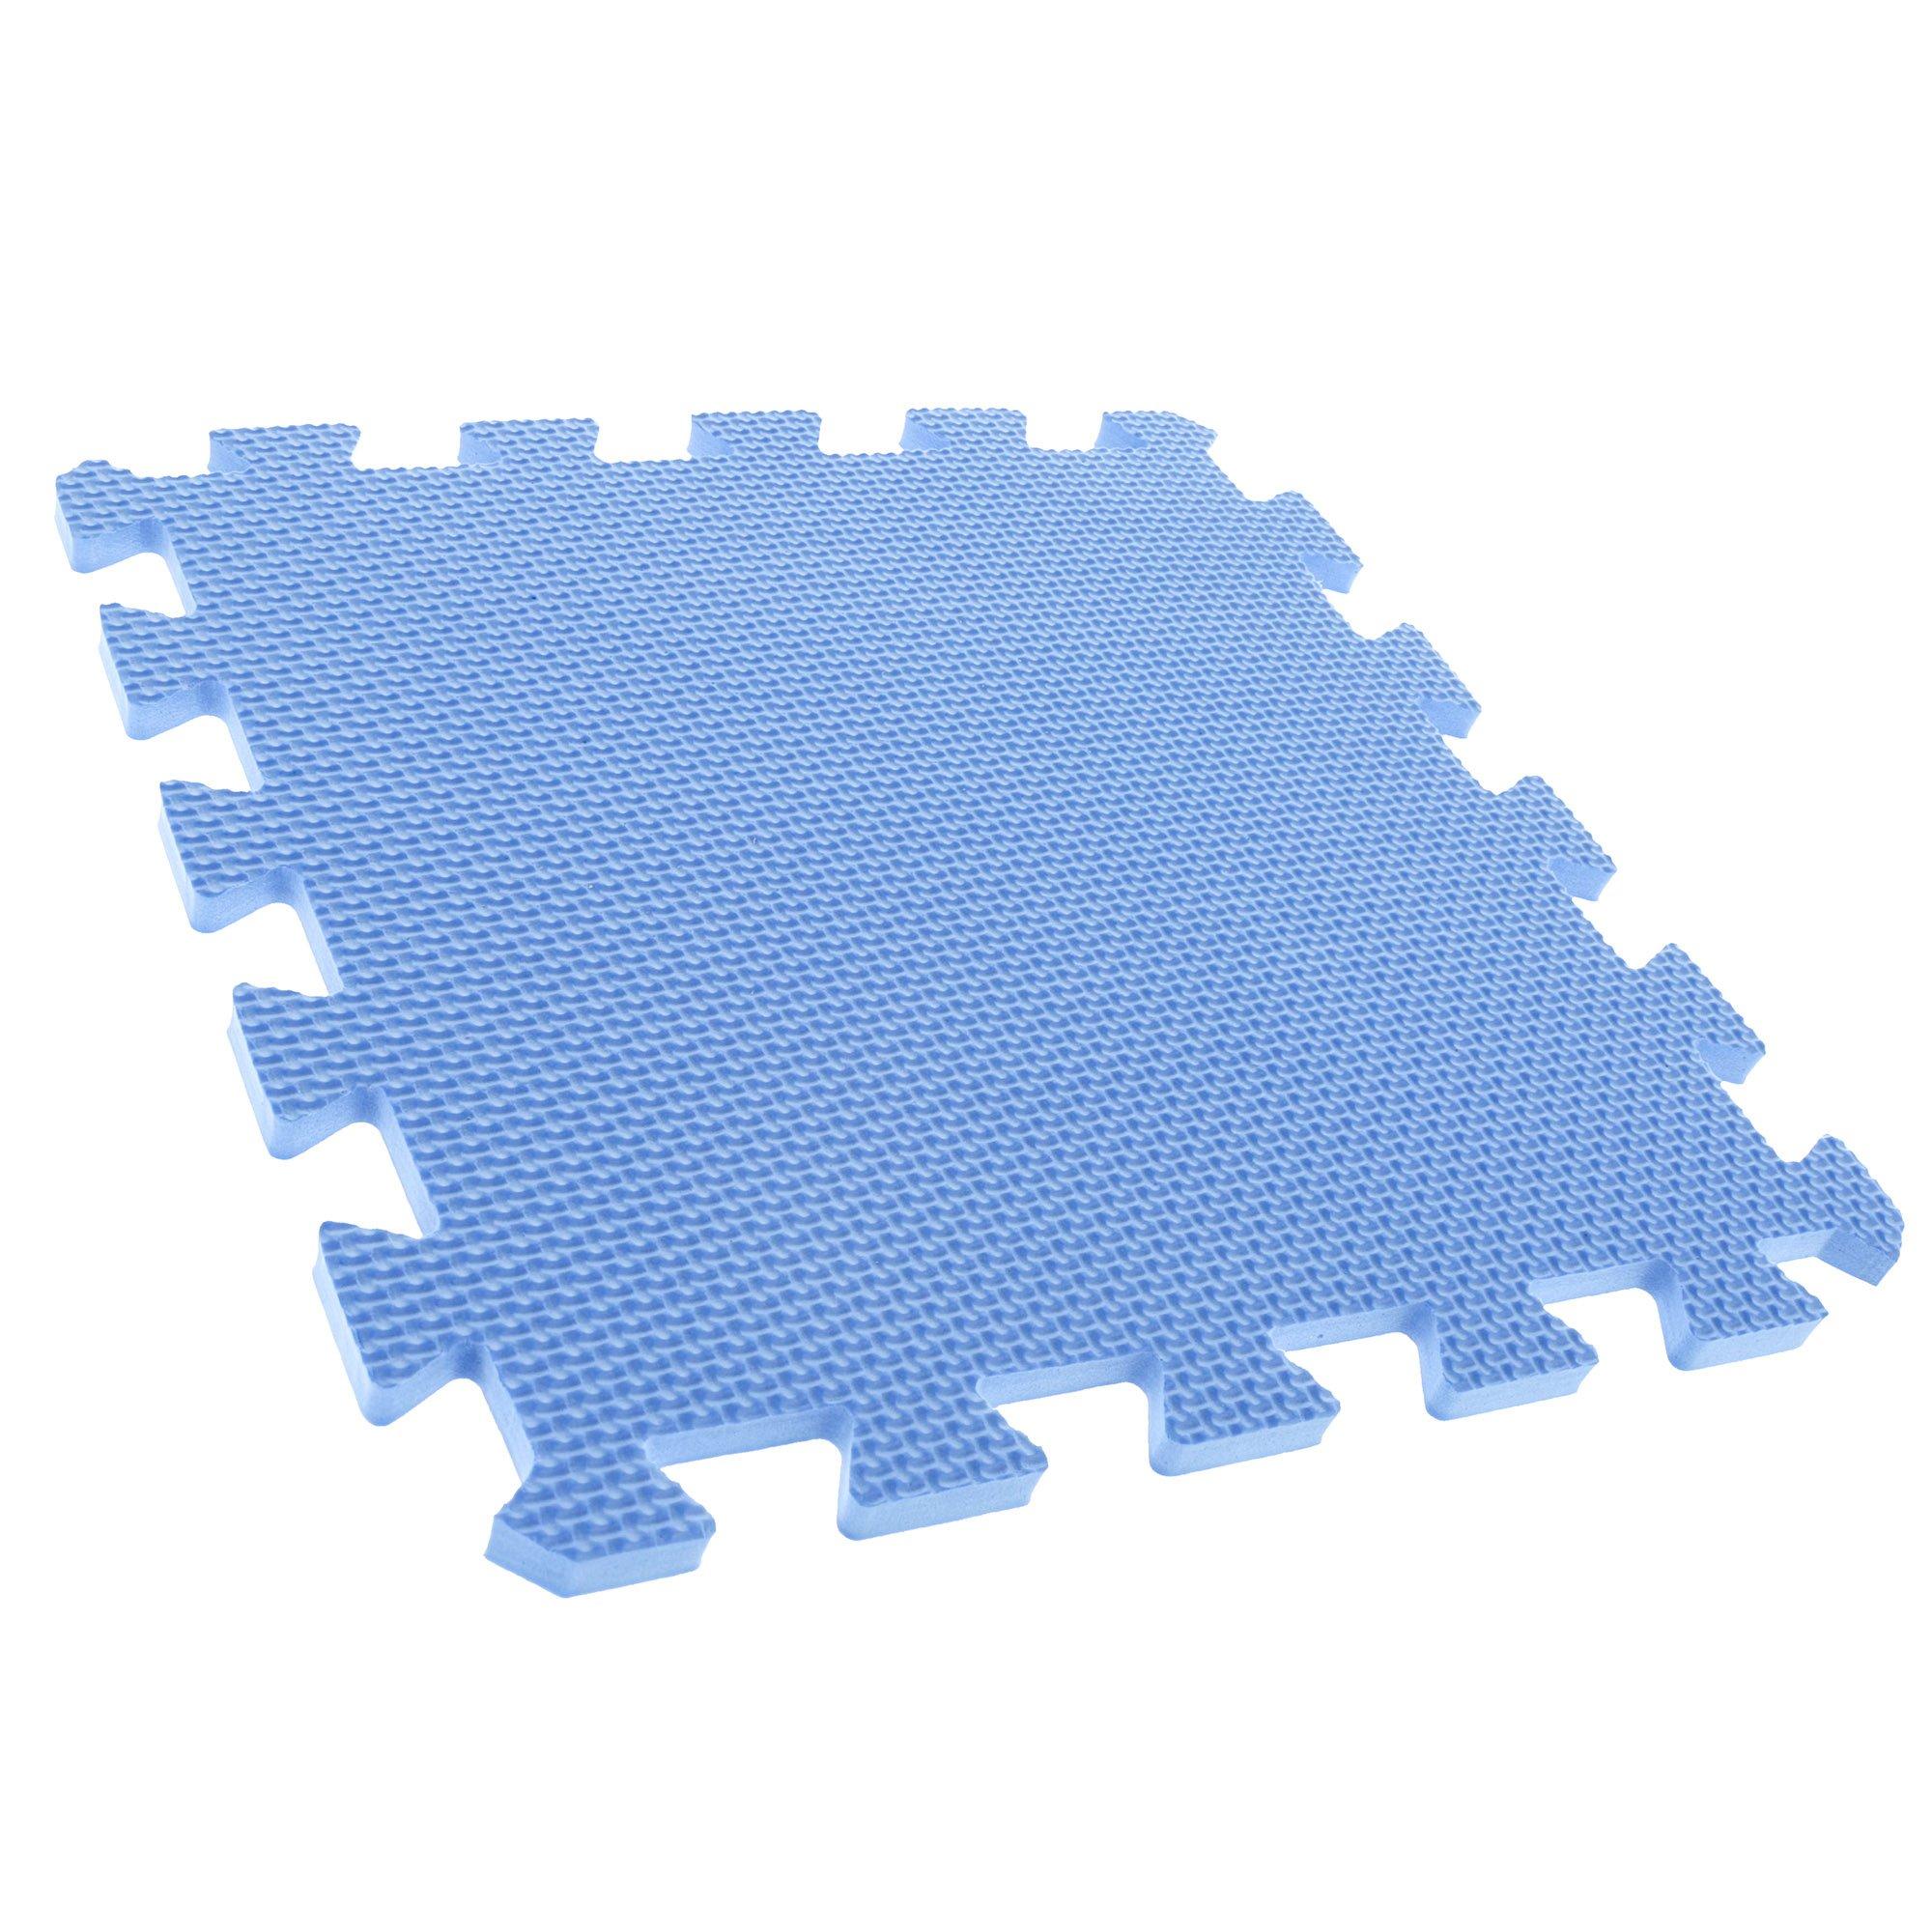 Stalwart Foam Mat Floor Tiles, Interlocking EVA Foam Padding by Stalwart (Image #5)